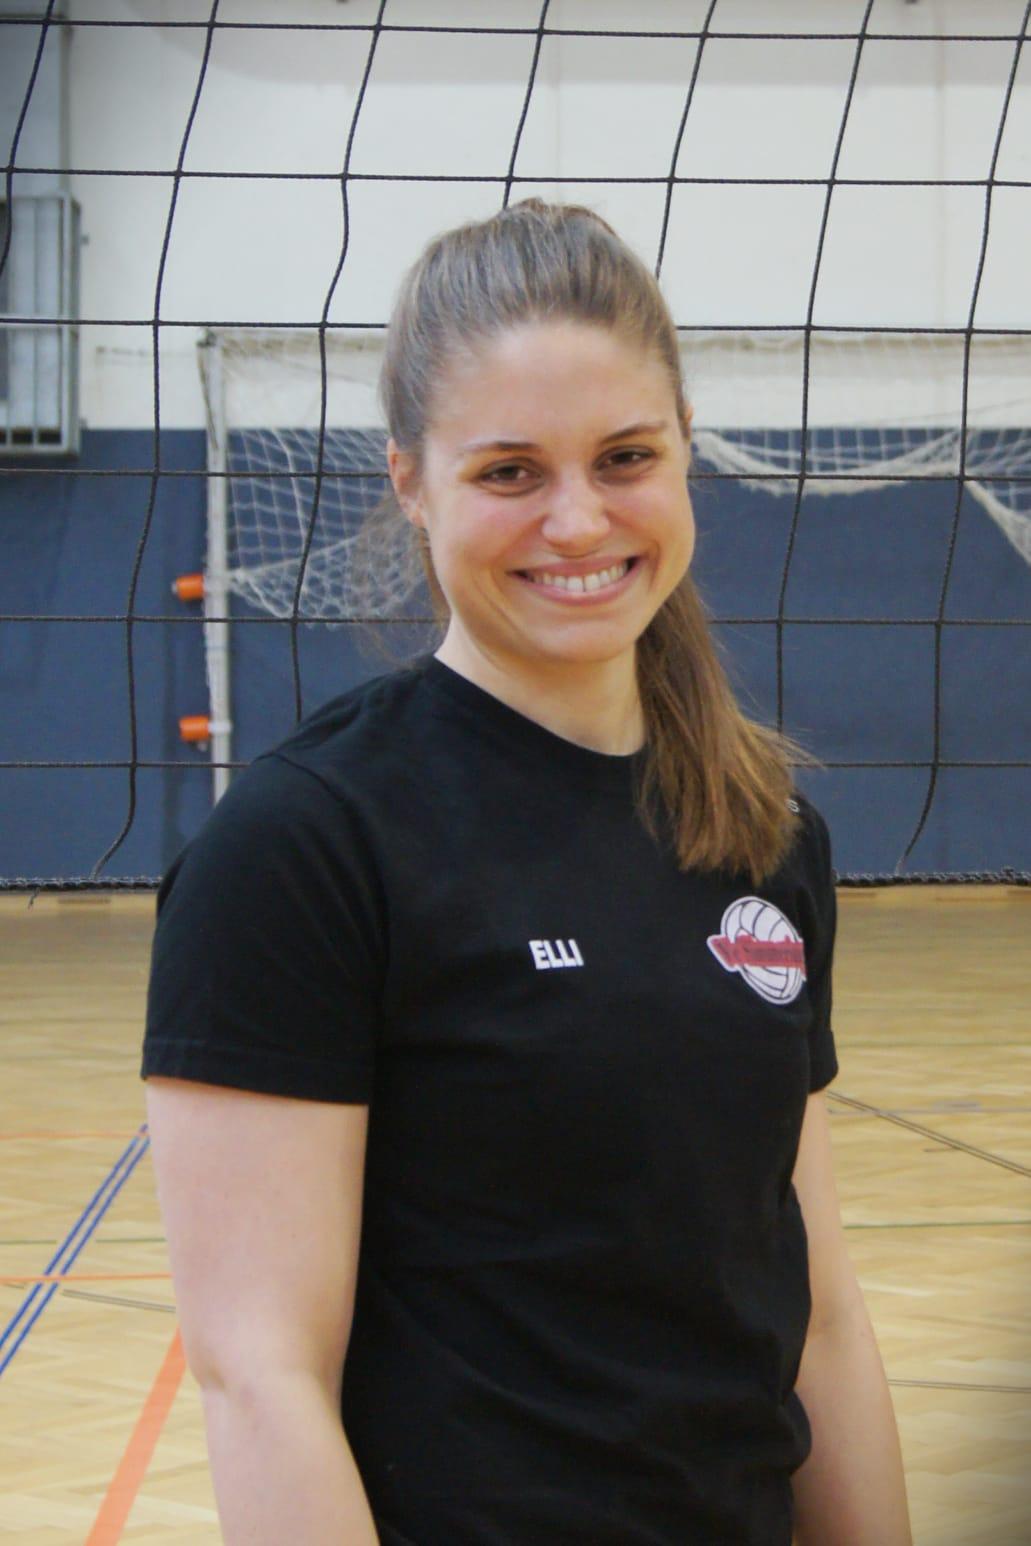 Name: Elisabeth Heiszenberger